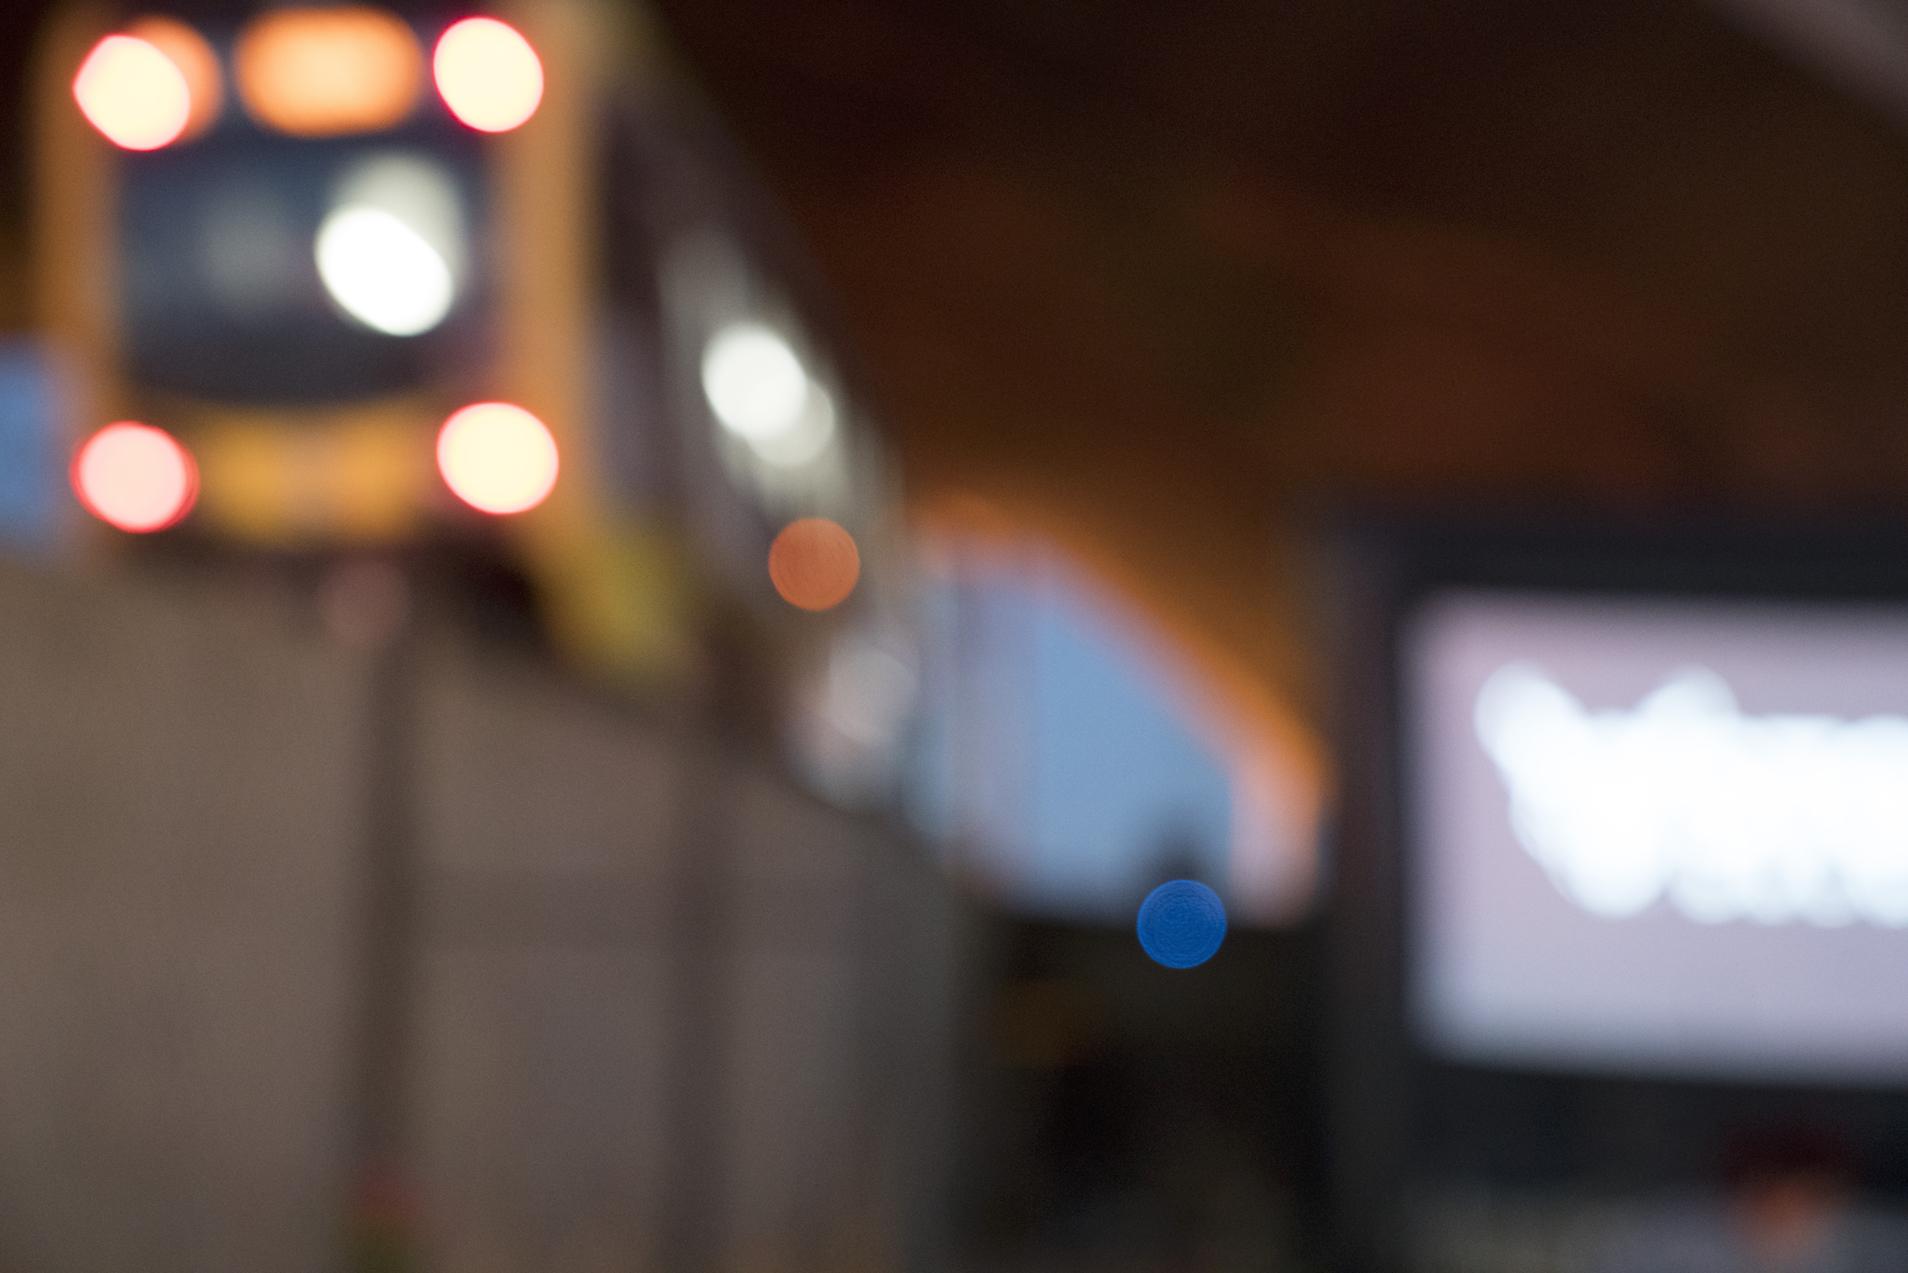 Blurred train and screen.jpeg